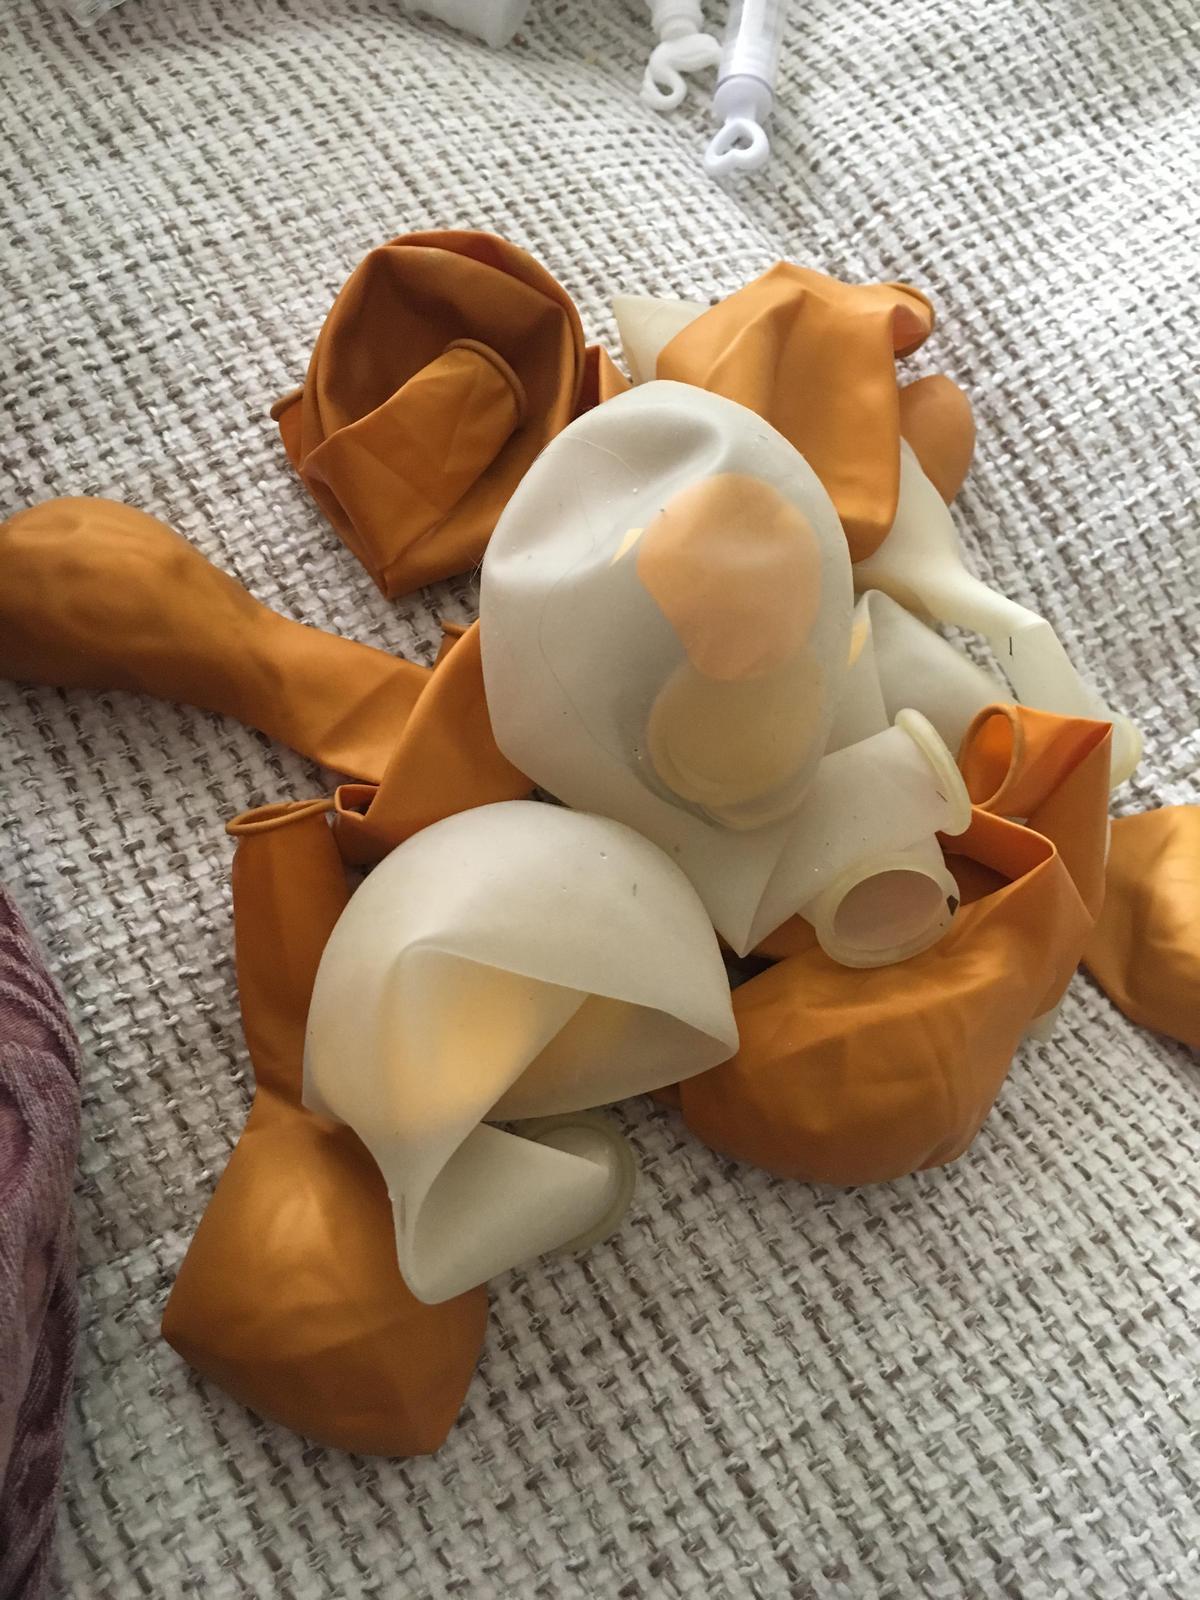 Balóny - Obrázok č. 2